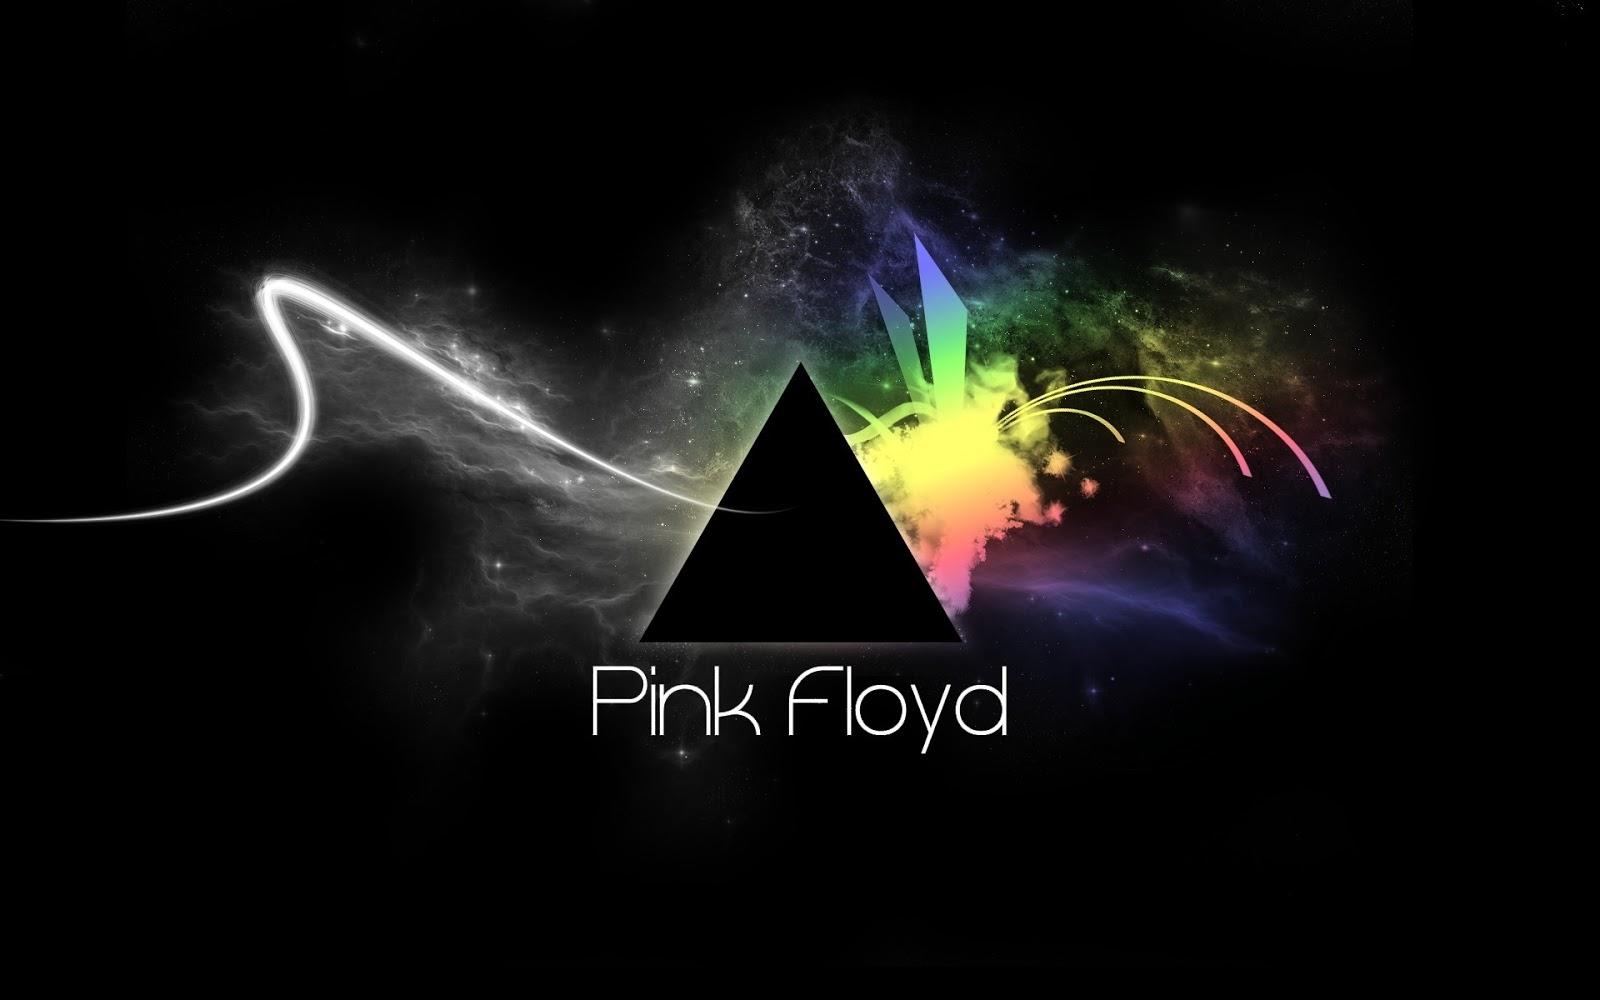 Pink Floyd Wallpaper High Resolution wallpaper Pink Floyd Wallpaper 1600x1000